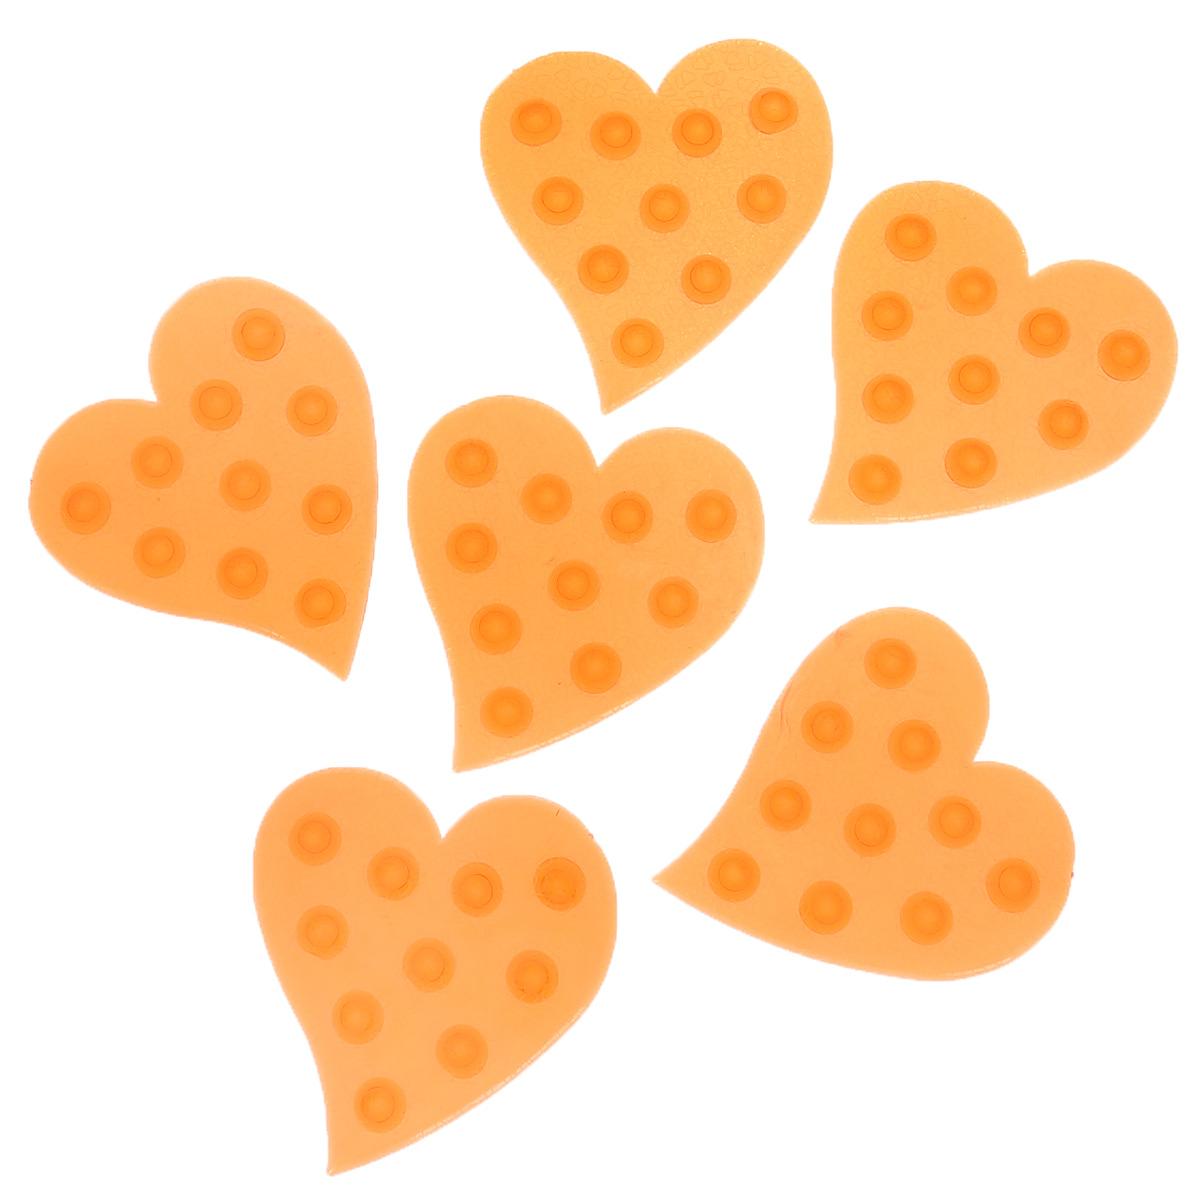 Набор мини-ковриков для ванной Dom Company Сердце, цвет: красный, 6 шт.837-018Набор Dom Company Сердце состоит из шести мини-ковриков для ванной, изготовленных из 100% полимерных материалов в форме сердец. Коврики оснащены присосками, предотвращающими скольжение. Их можно крепить на дно ванны или использовать как декор для плитки. Коврики легко чистить.